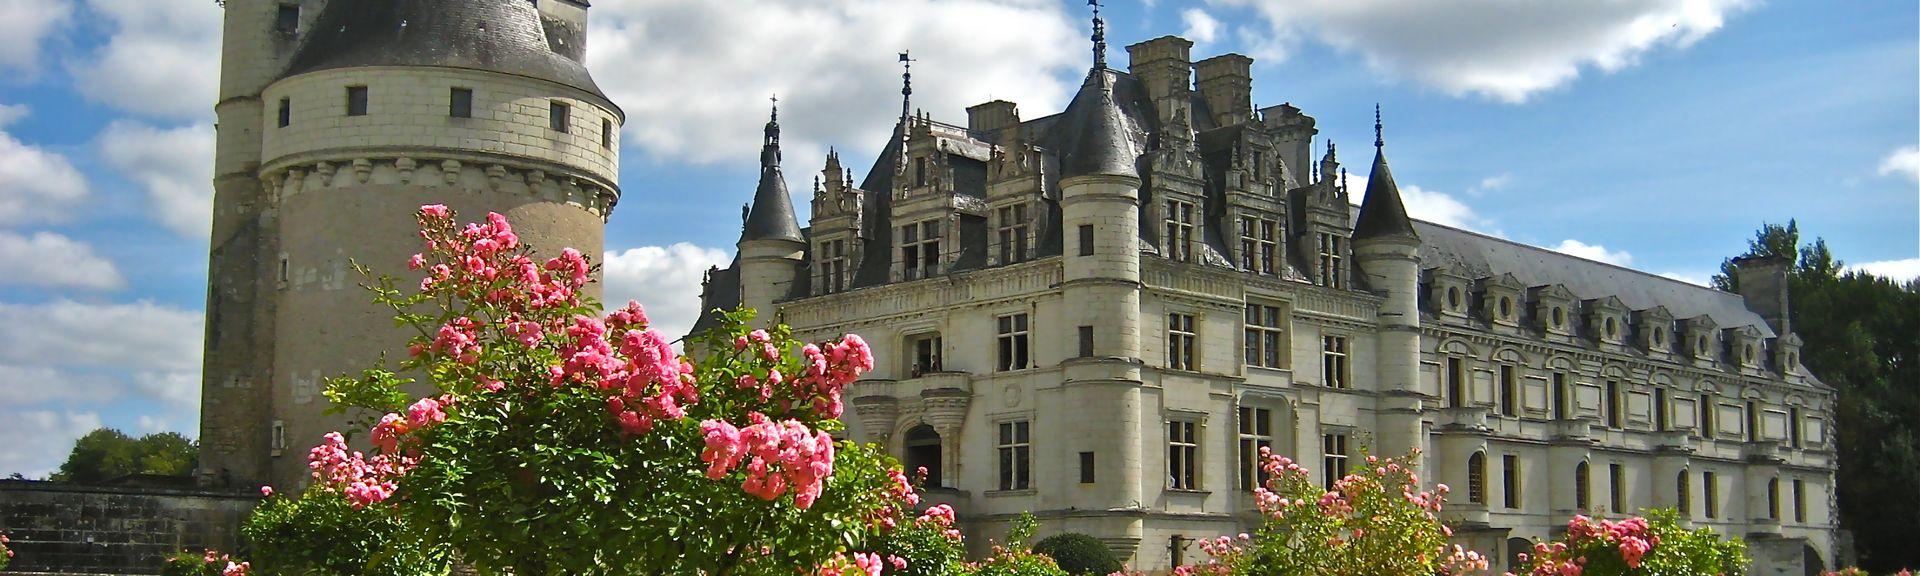 Saint-Mard-de-Réno, France